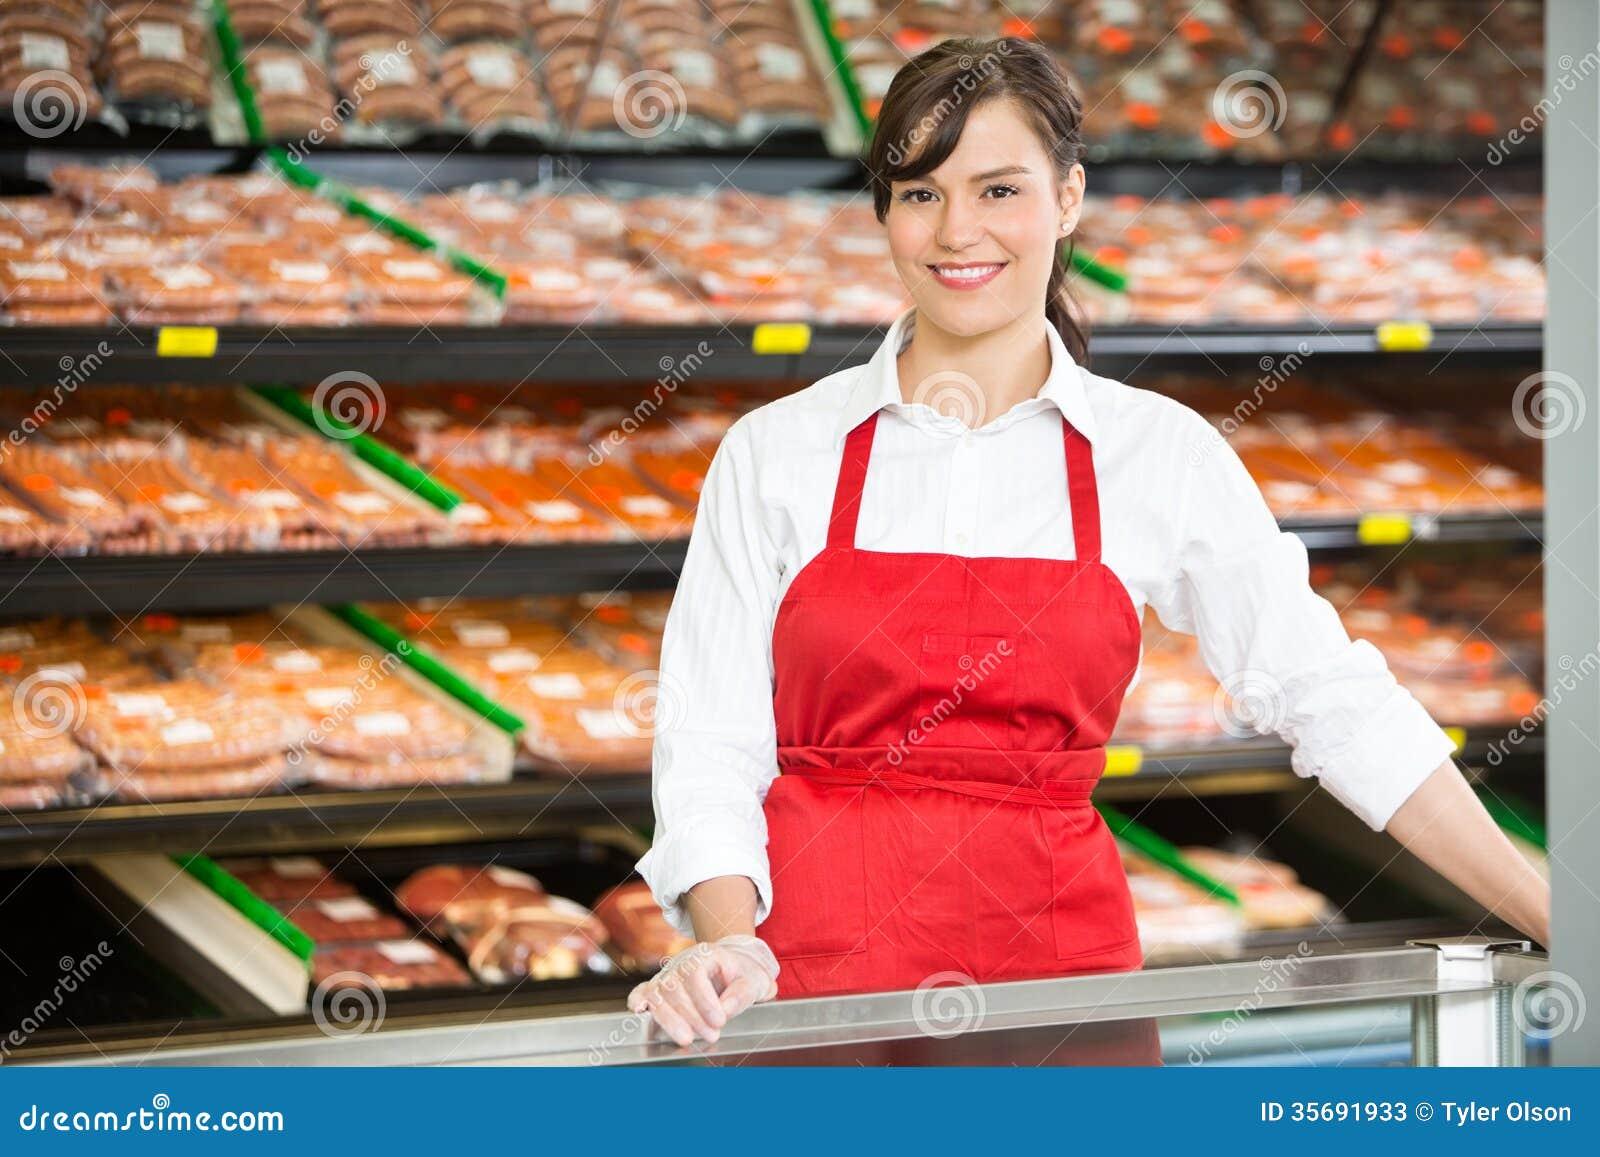 Härlig försäljare Standing At Counter in